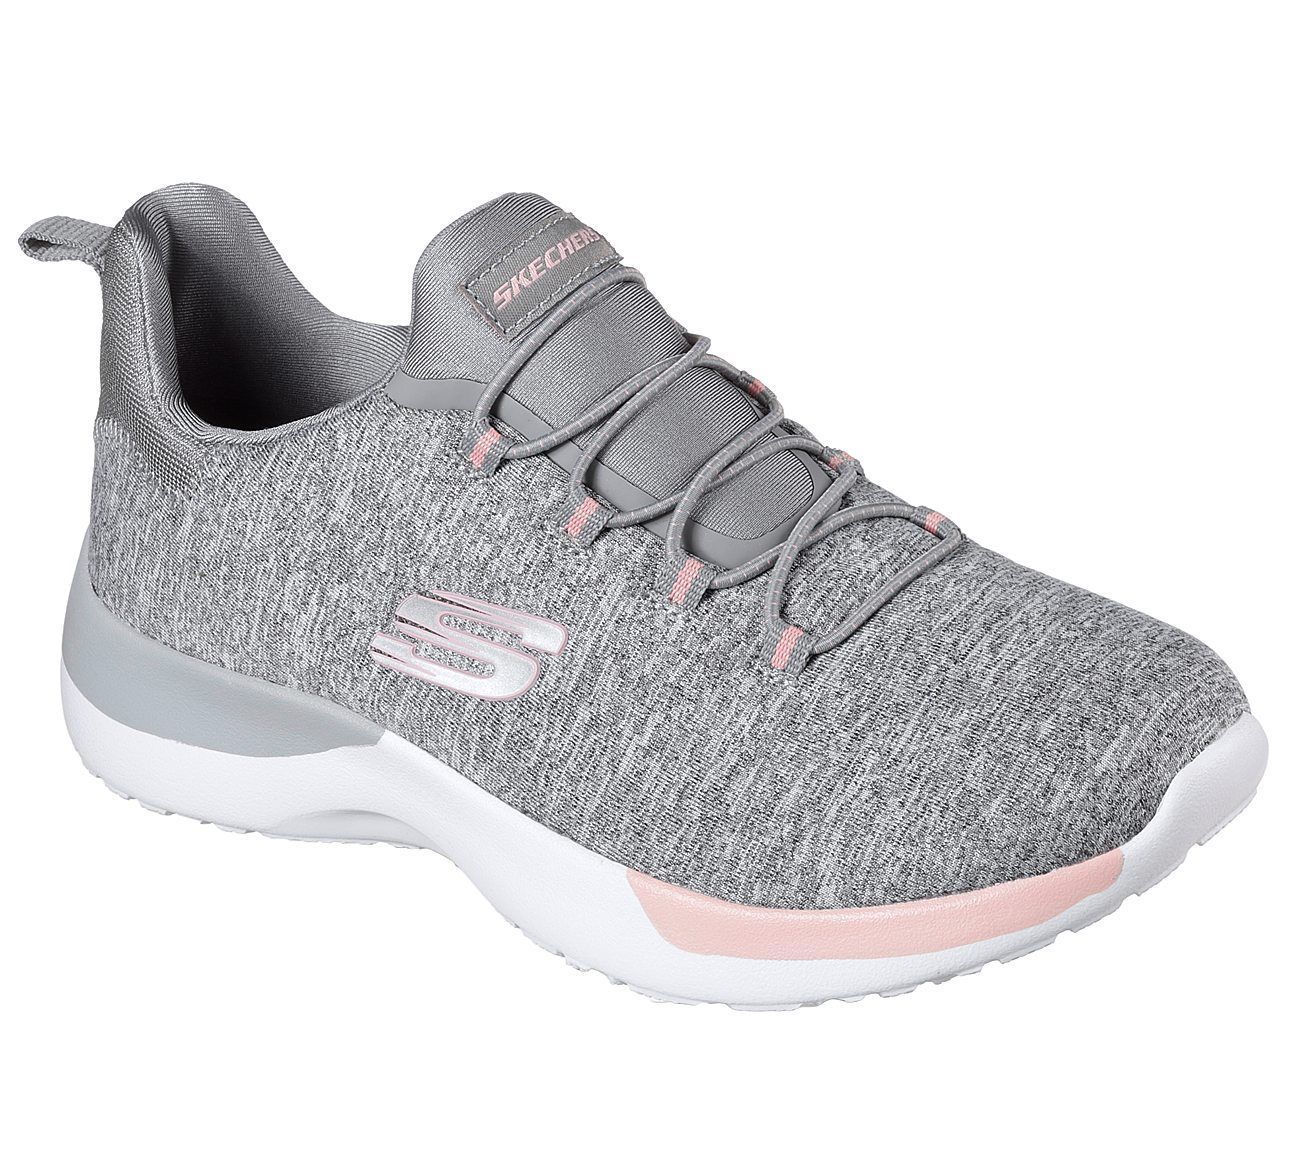 12991 Gray Pink Skechers shoes Memory Foam Women Slip On